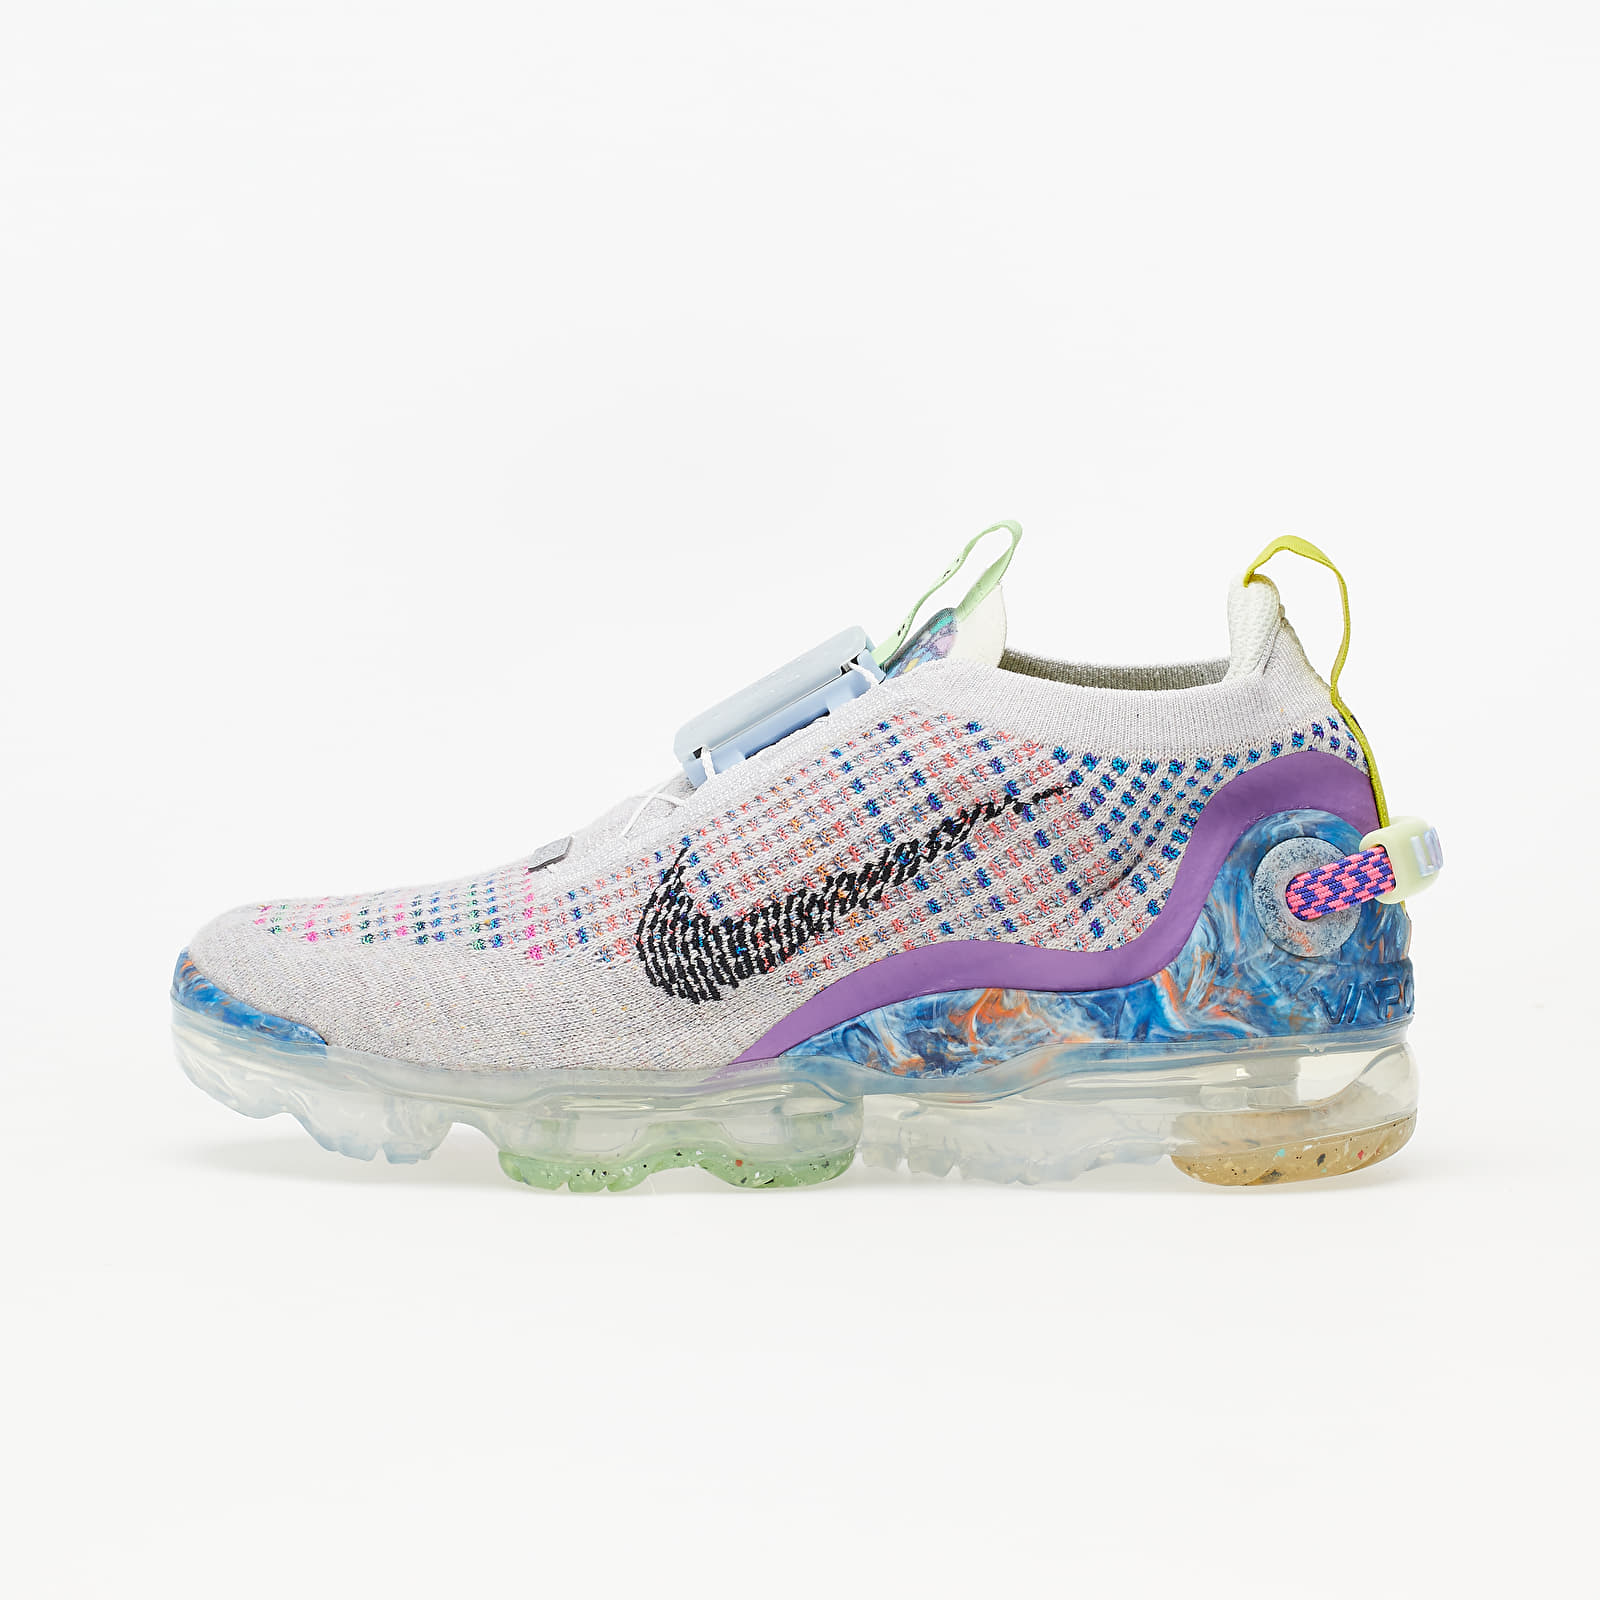 Nike W Air Vapormax 2020 FK Pure Platinum/ Black-Multi-Color | Footshop